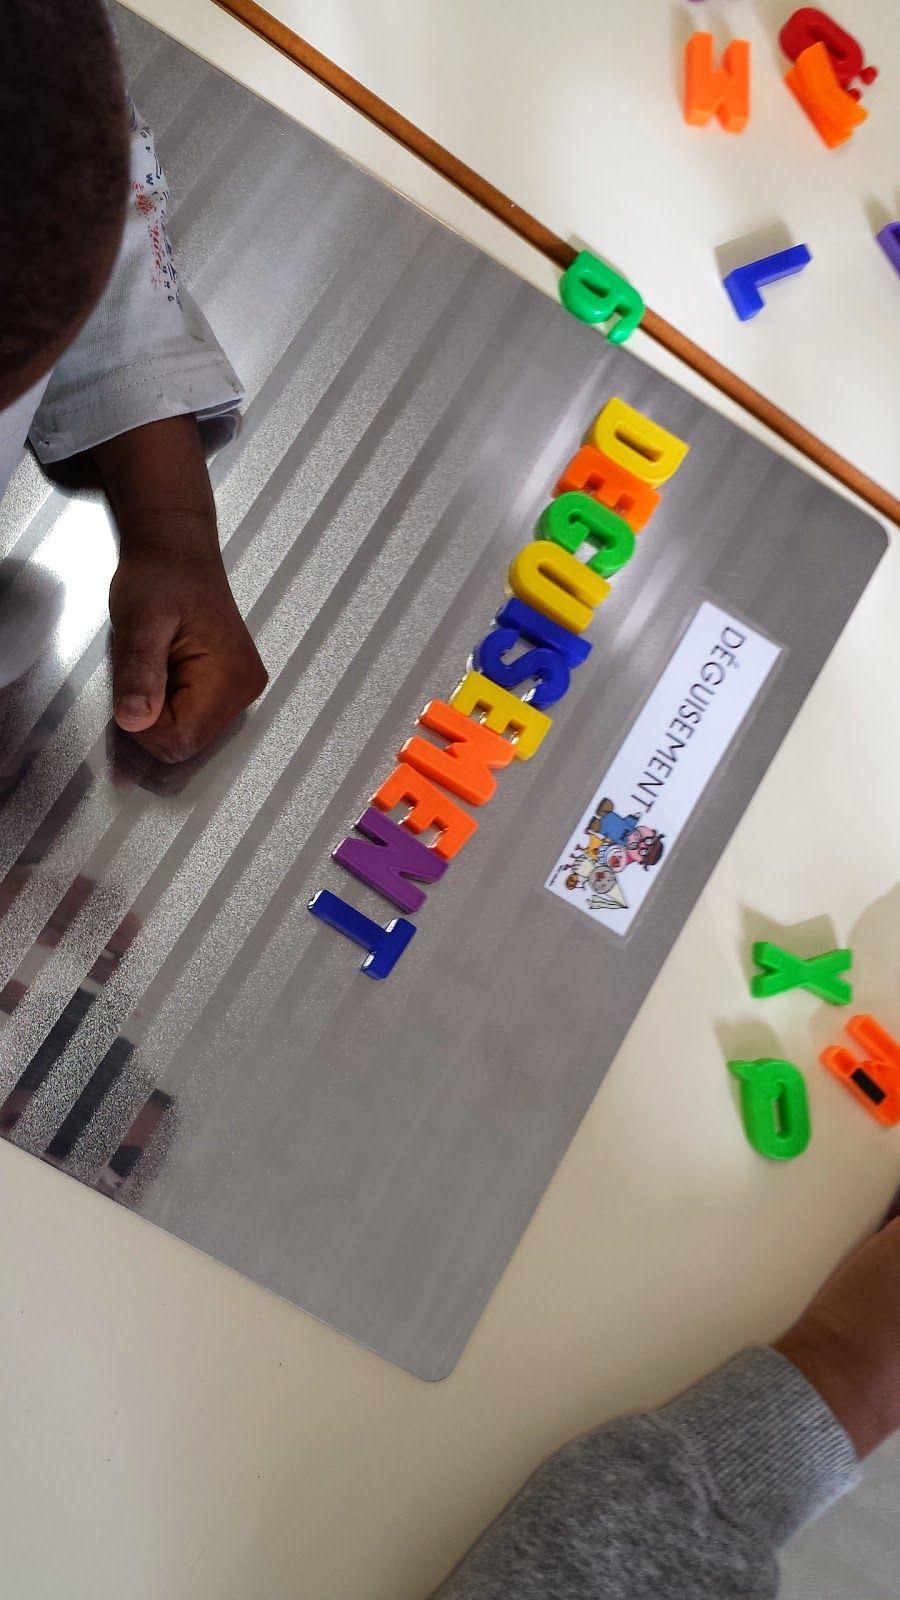 la maternelle de laur ne plateau aimant chez ikea organisation materielle pinterest. Black Bedroom Furniture Sets. Home Design Ideas